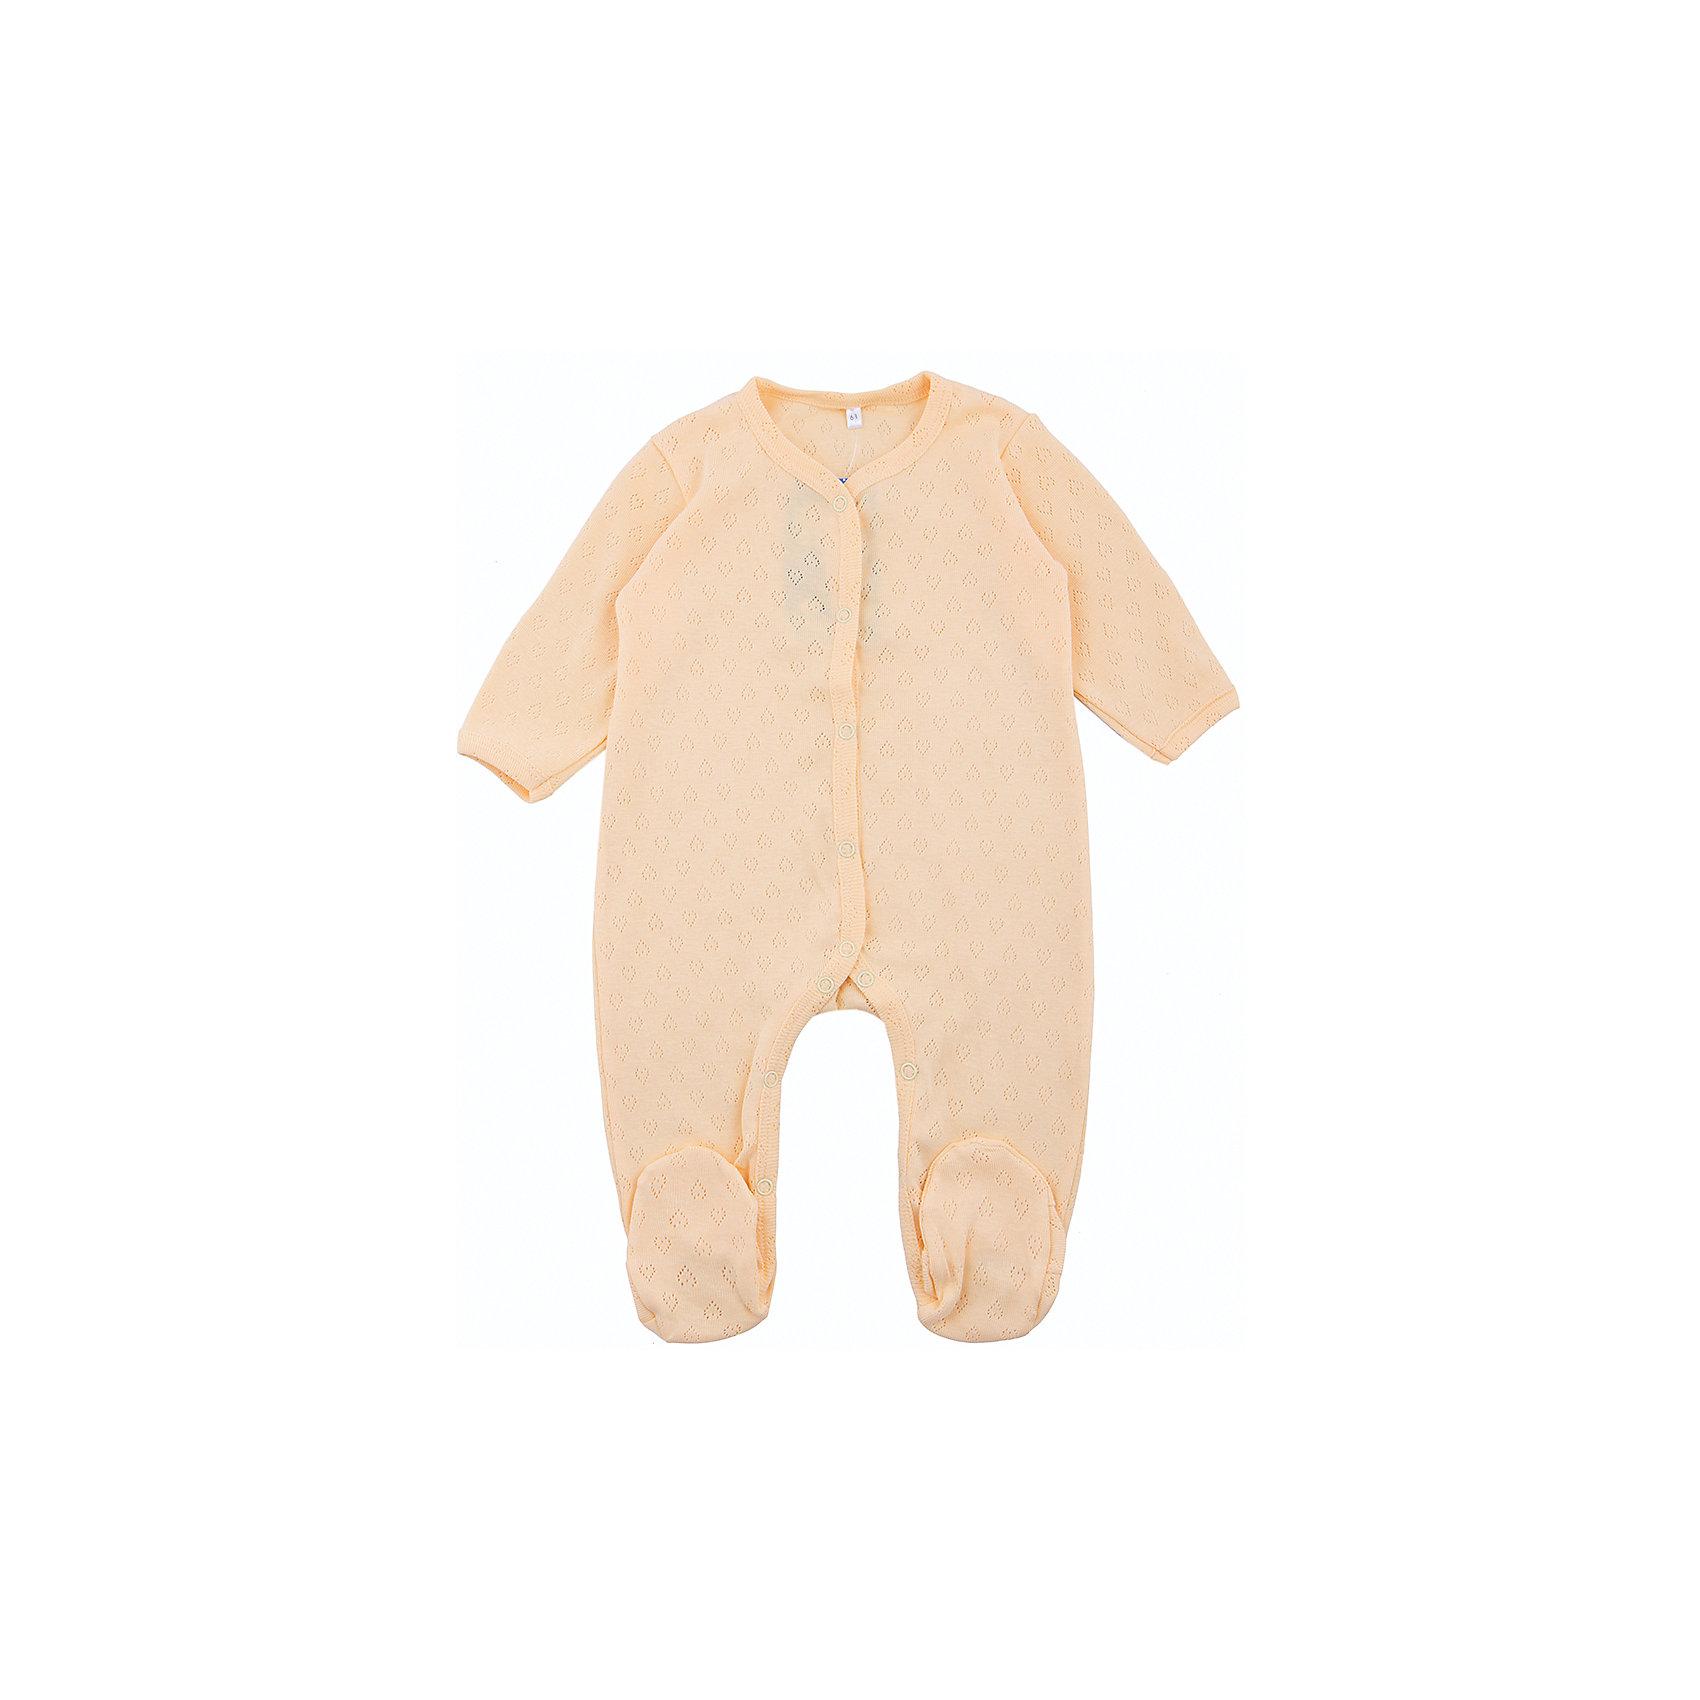 Комбинезон Soni KidsКомбинезоны<br>Комбинезон от популярной марки Soni Kids<br><br>Симпатичный комбинезон создан специально для самых маленьких. Он обеспечит ребенку удобство, не будет натирать,  а также позволит коже дышать.<br><br>Особенности модели:<br><br>- цвет - желтый;<br>- материал - натуральный ажурный хлопок-рибана;<br>- рукава длинные;<br>- мягкая окантовка;<br>- застежки - кнопки впереди и внизу.<br><br>Дополнительная информация:<br><br>Состав:  100% хлопок (рибана)<br><br>Габариты:<br><br>длина - 54 см;<br>длина рукава - 21.<br><br>*соответствует размеру 68<br><br>Комбинезон от популярной марки Soni Kids (Сони Кидс) можно купить в нашем магазине.<br><br>Ширина мм: 157<br>Глубина мм: 13<br>Высота мм: 119<br>Вес г: 200<br>Цвет: желтый<br>Возраст от месяцев: 0<br>Возраст до месяцев: 3<br>Пол: Унисекс<br>Возраст: Детский<br>Размер: 56,62,68,74,80<br>SKU: 4323217